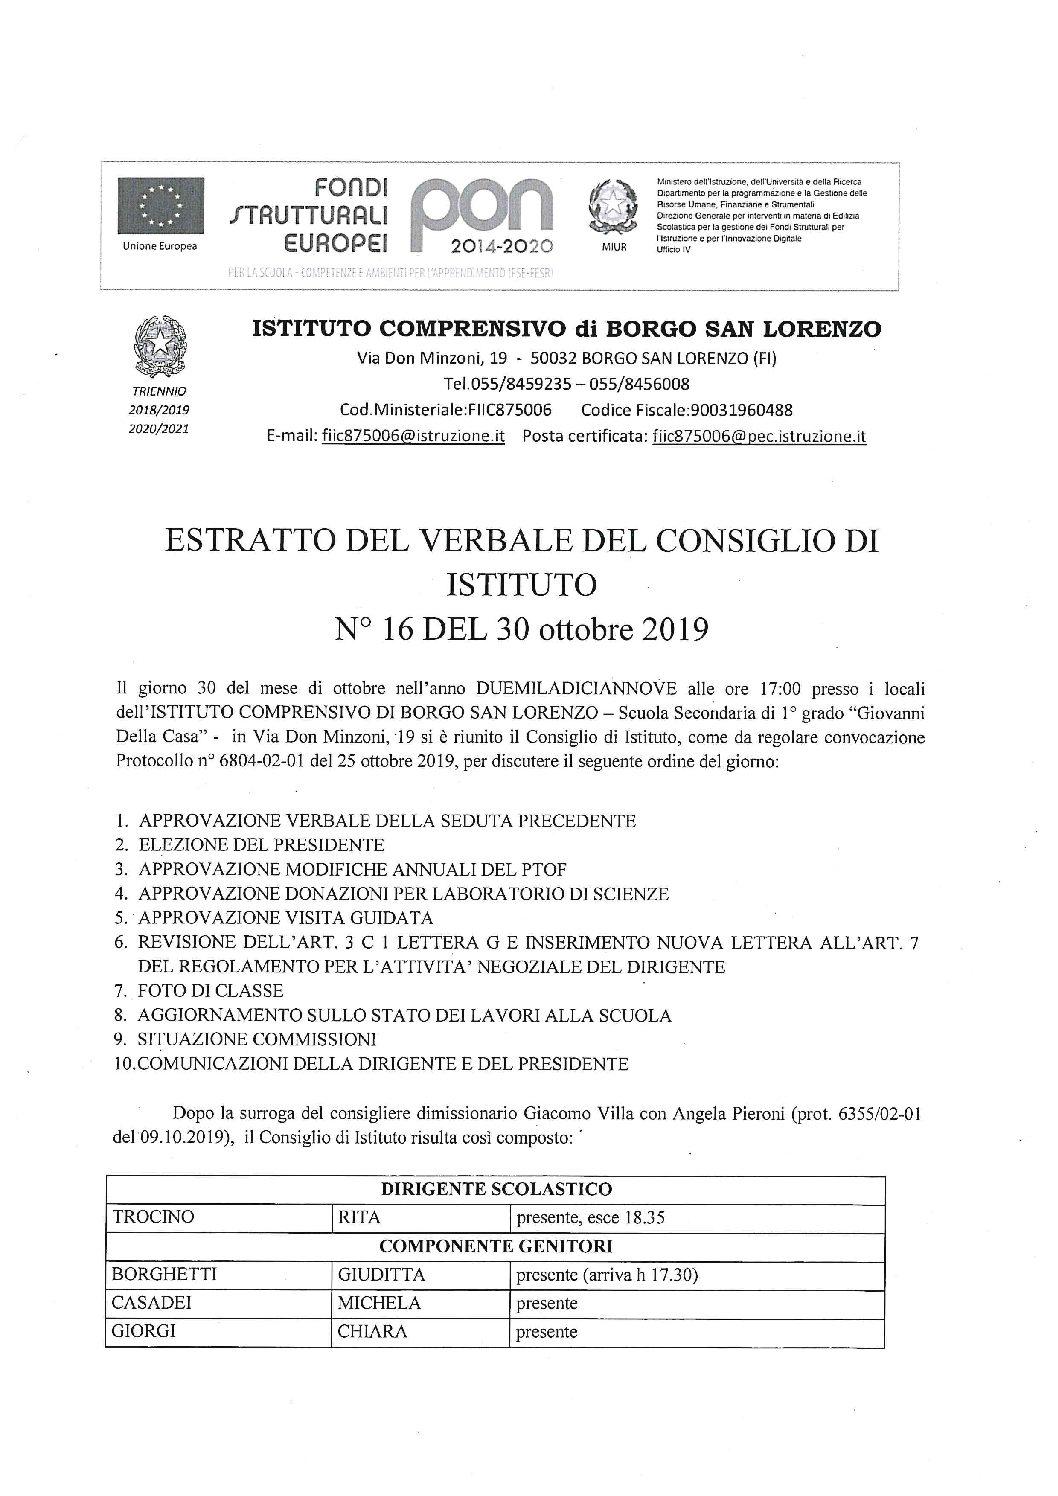 ESTRATTO VERBALE CONSIGLIO D'ISTITUTO N° 16 DEL 30 OTTOBRE 2019